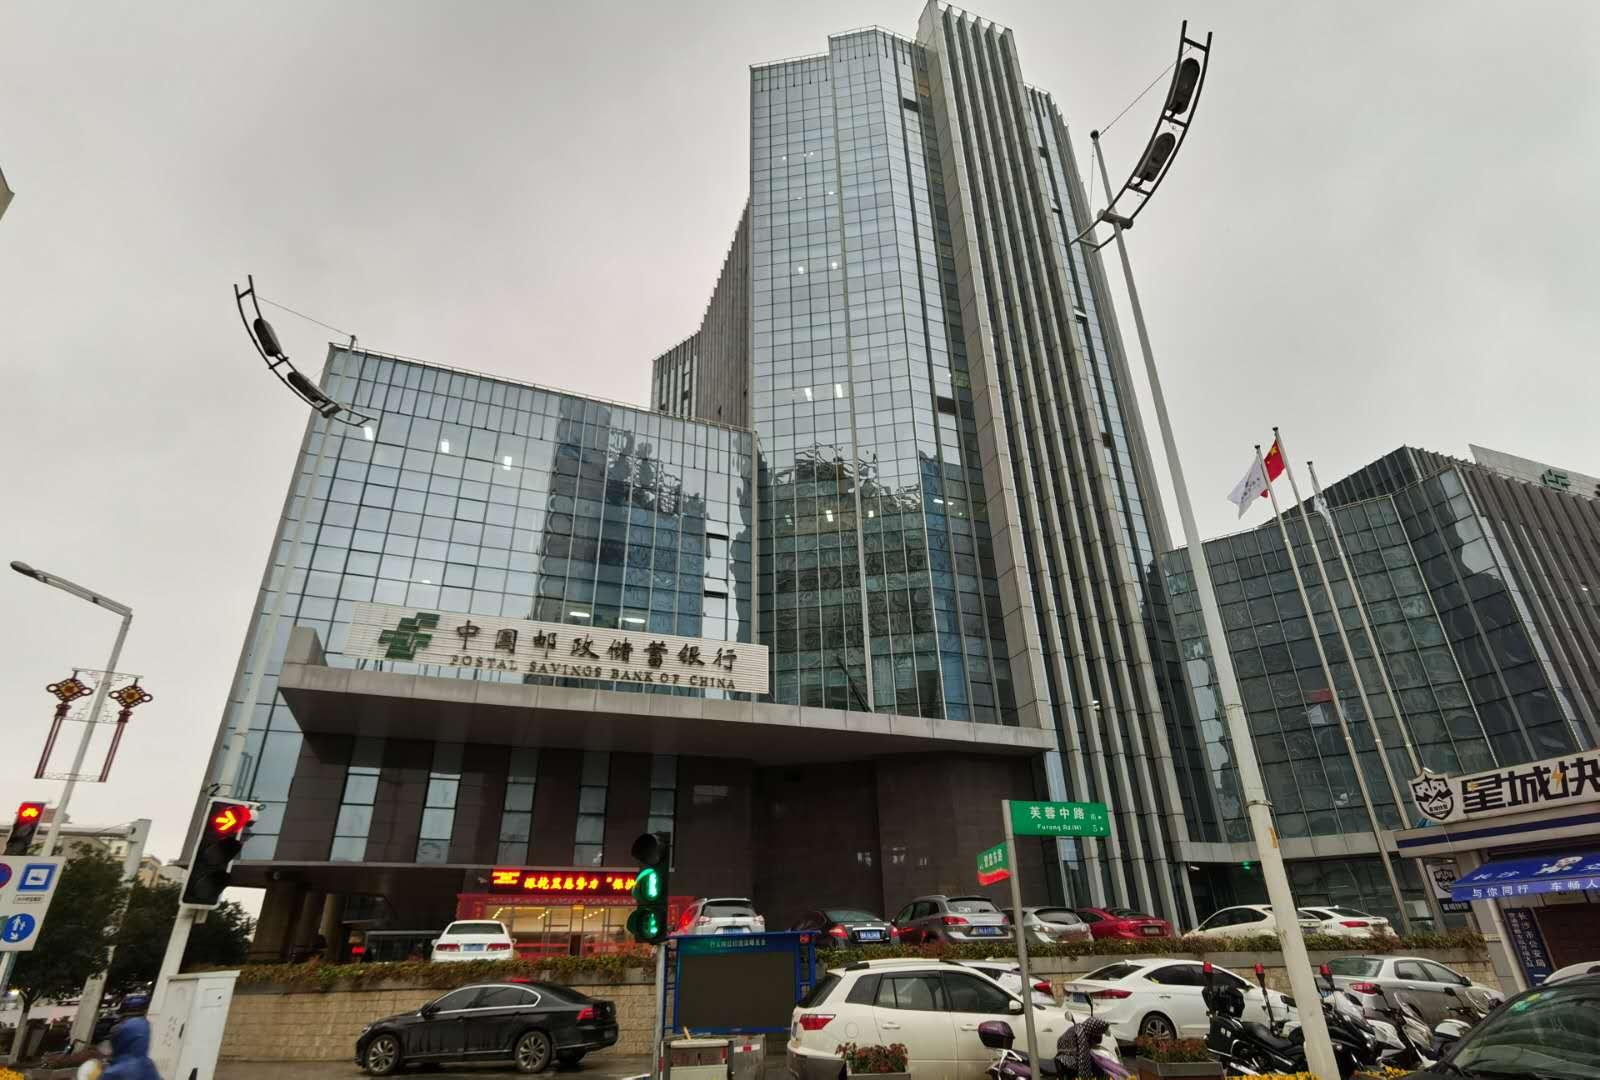 湖南省邮政总行